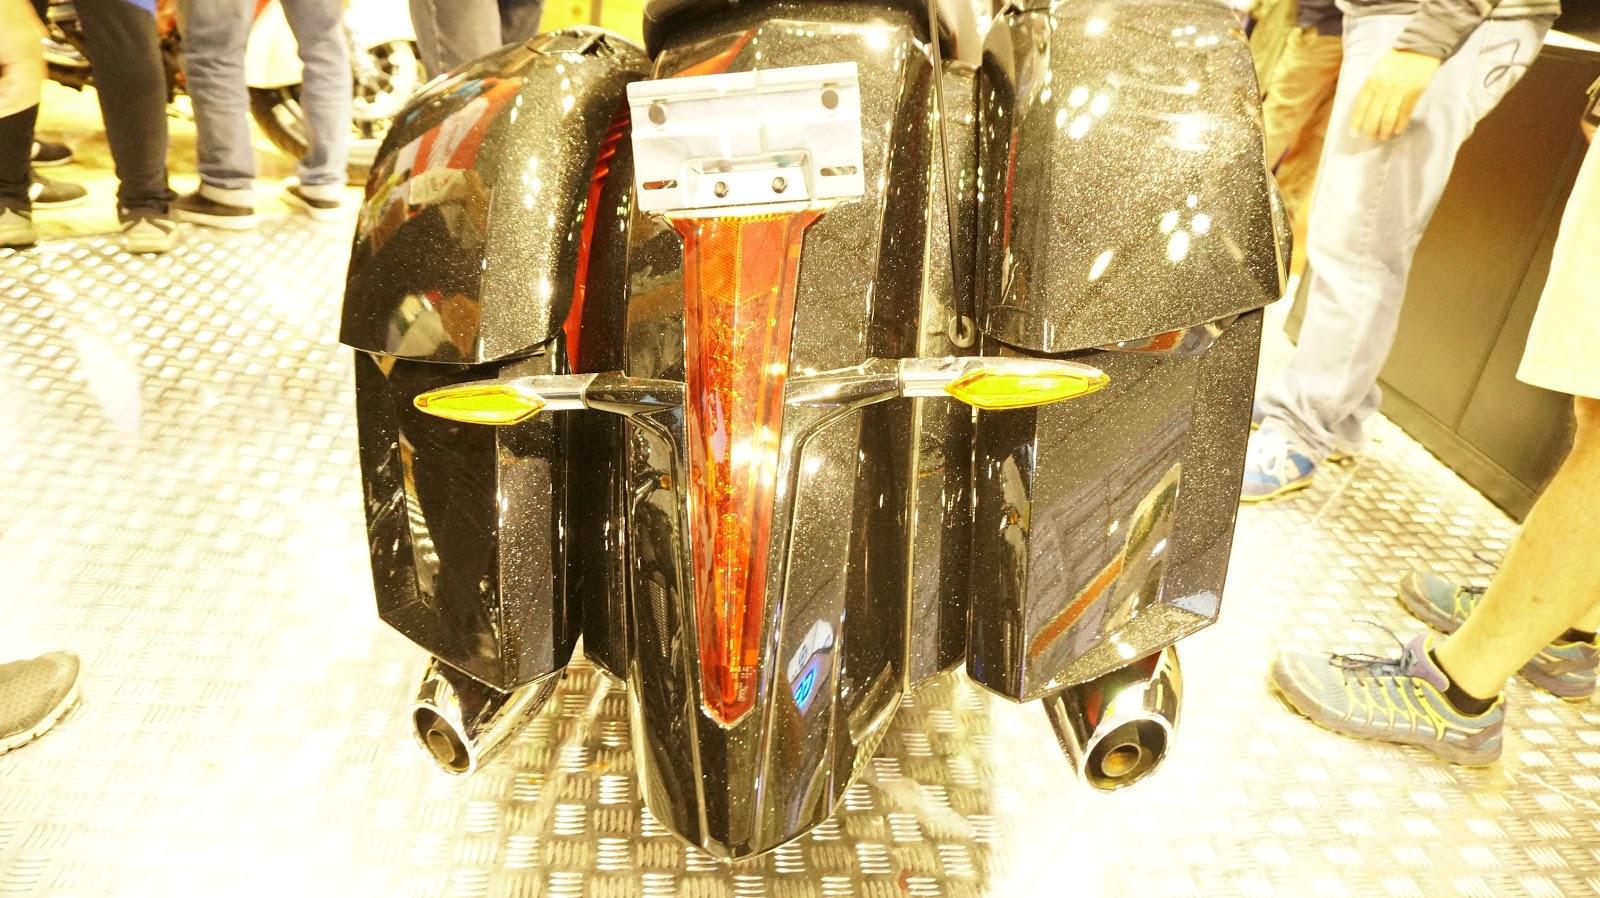 Bánh sau 1 phanh đĩa kèm ABS, hai ống xả tinh tế, trên đó là hai cốp xe chở được rất nhiều đồ